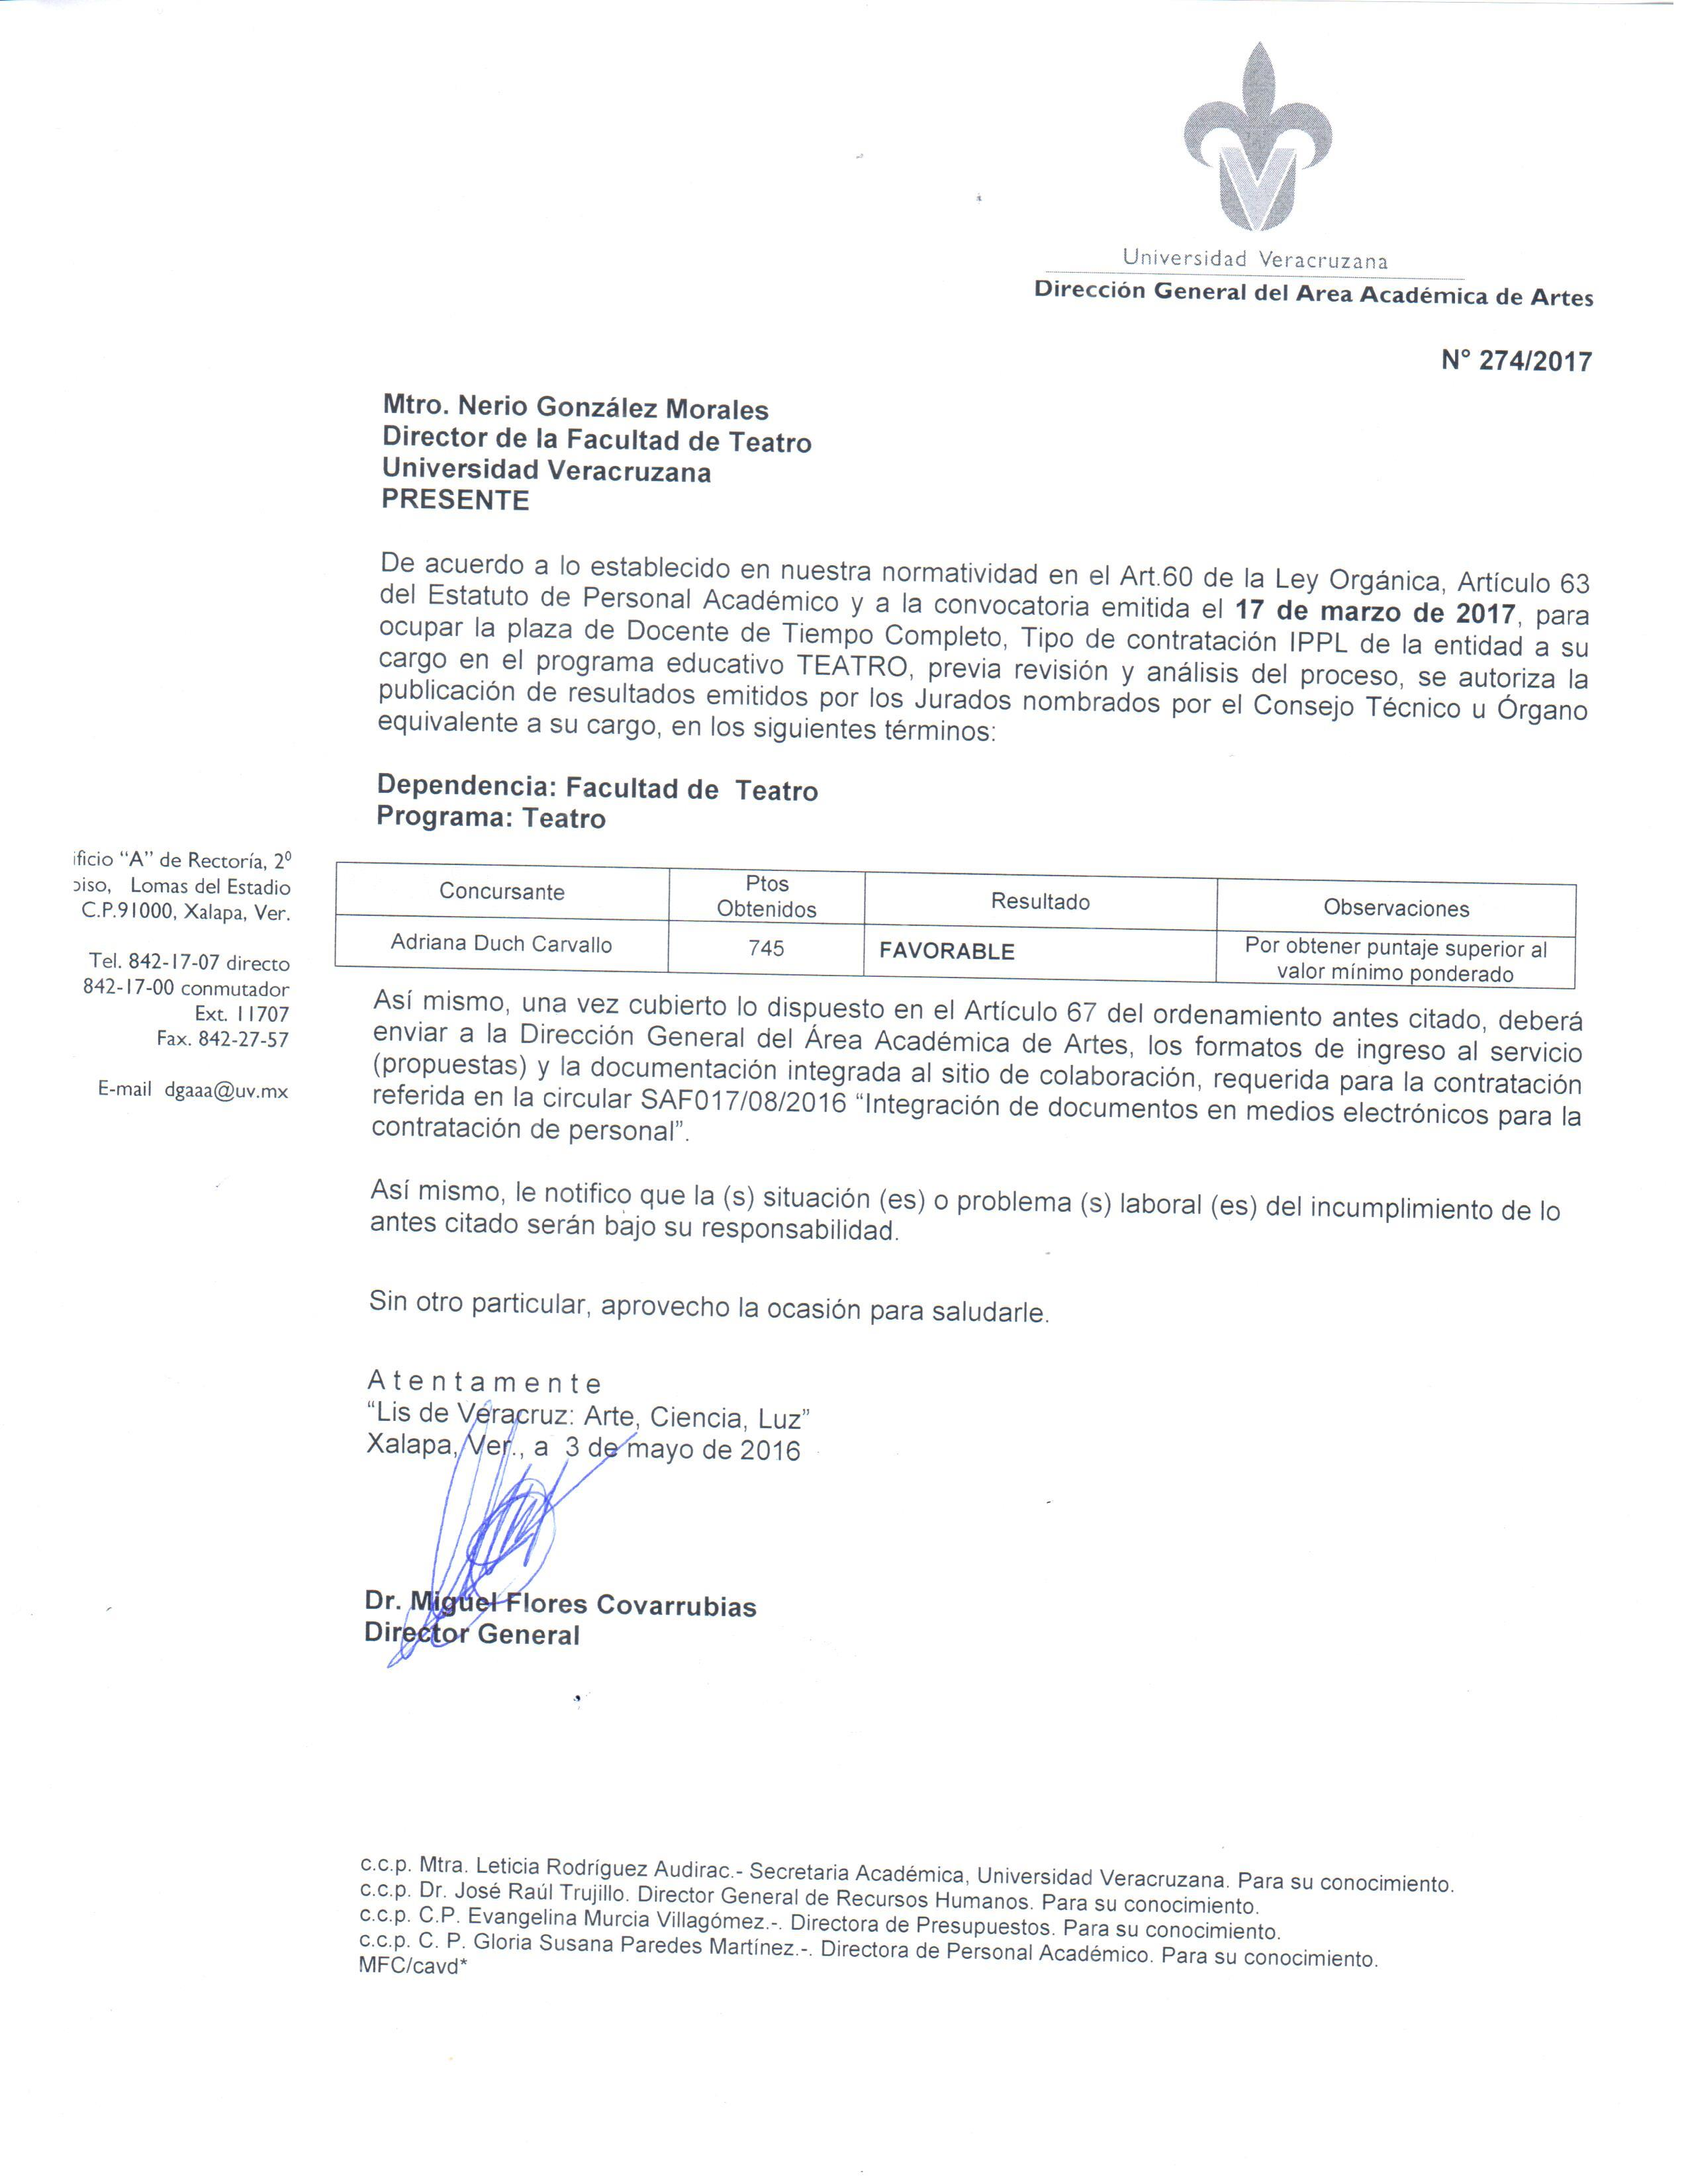 Resultado de la convocatoria para plaza de tiempo completo for Convocatoria de plazas docentes 2017